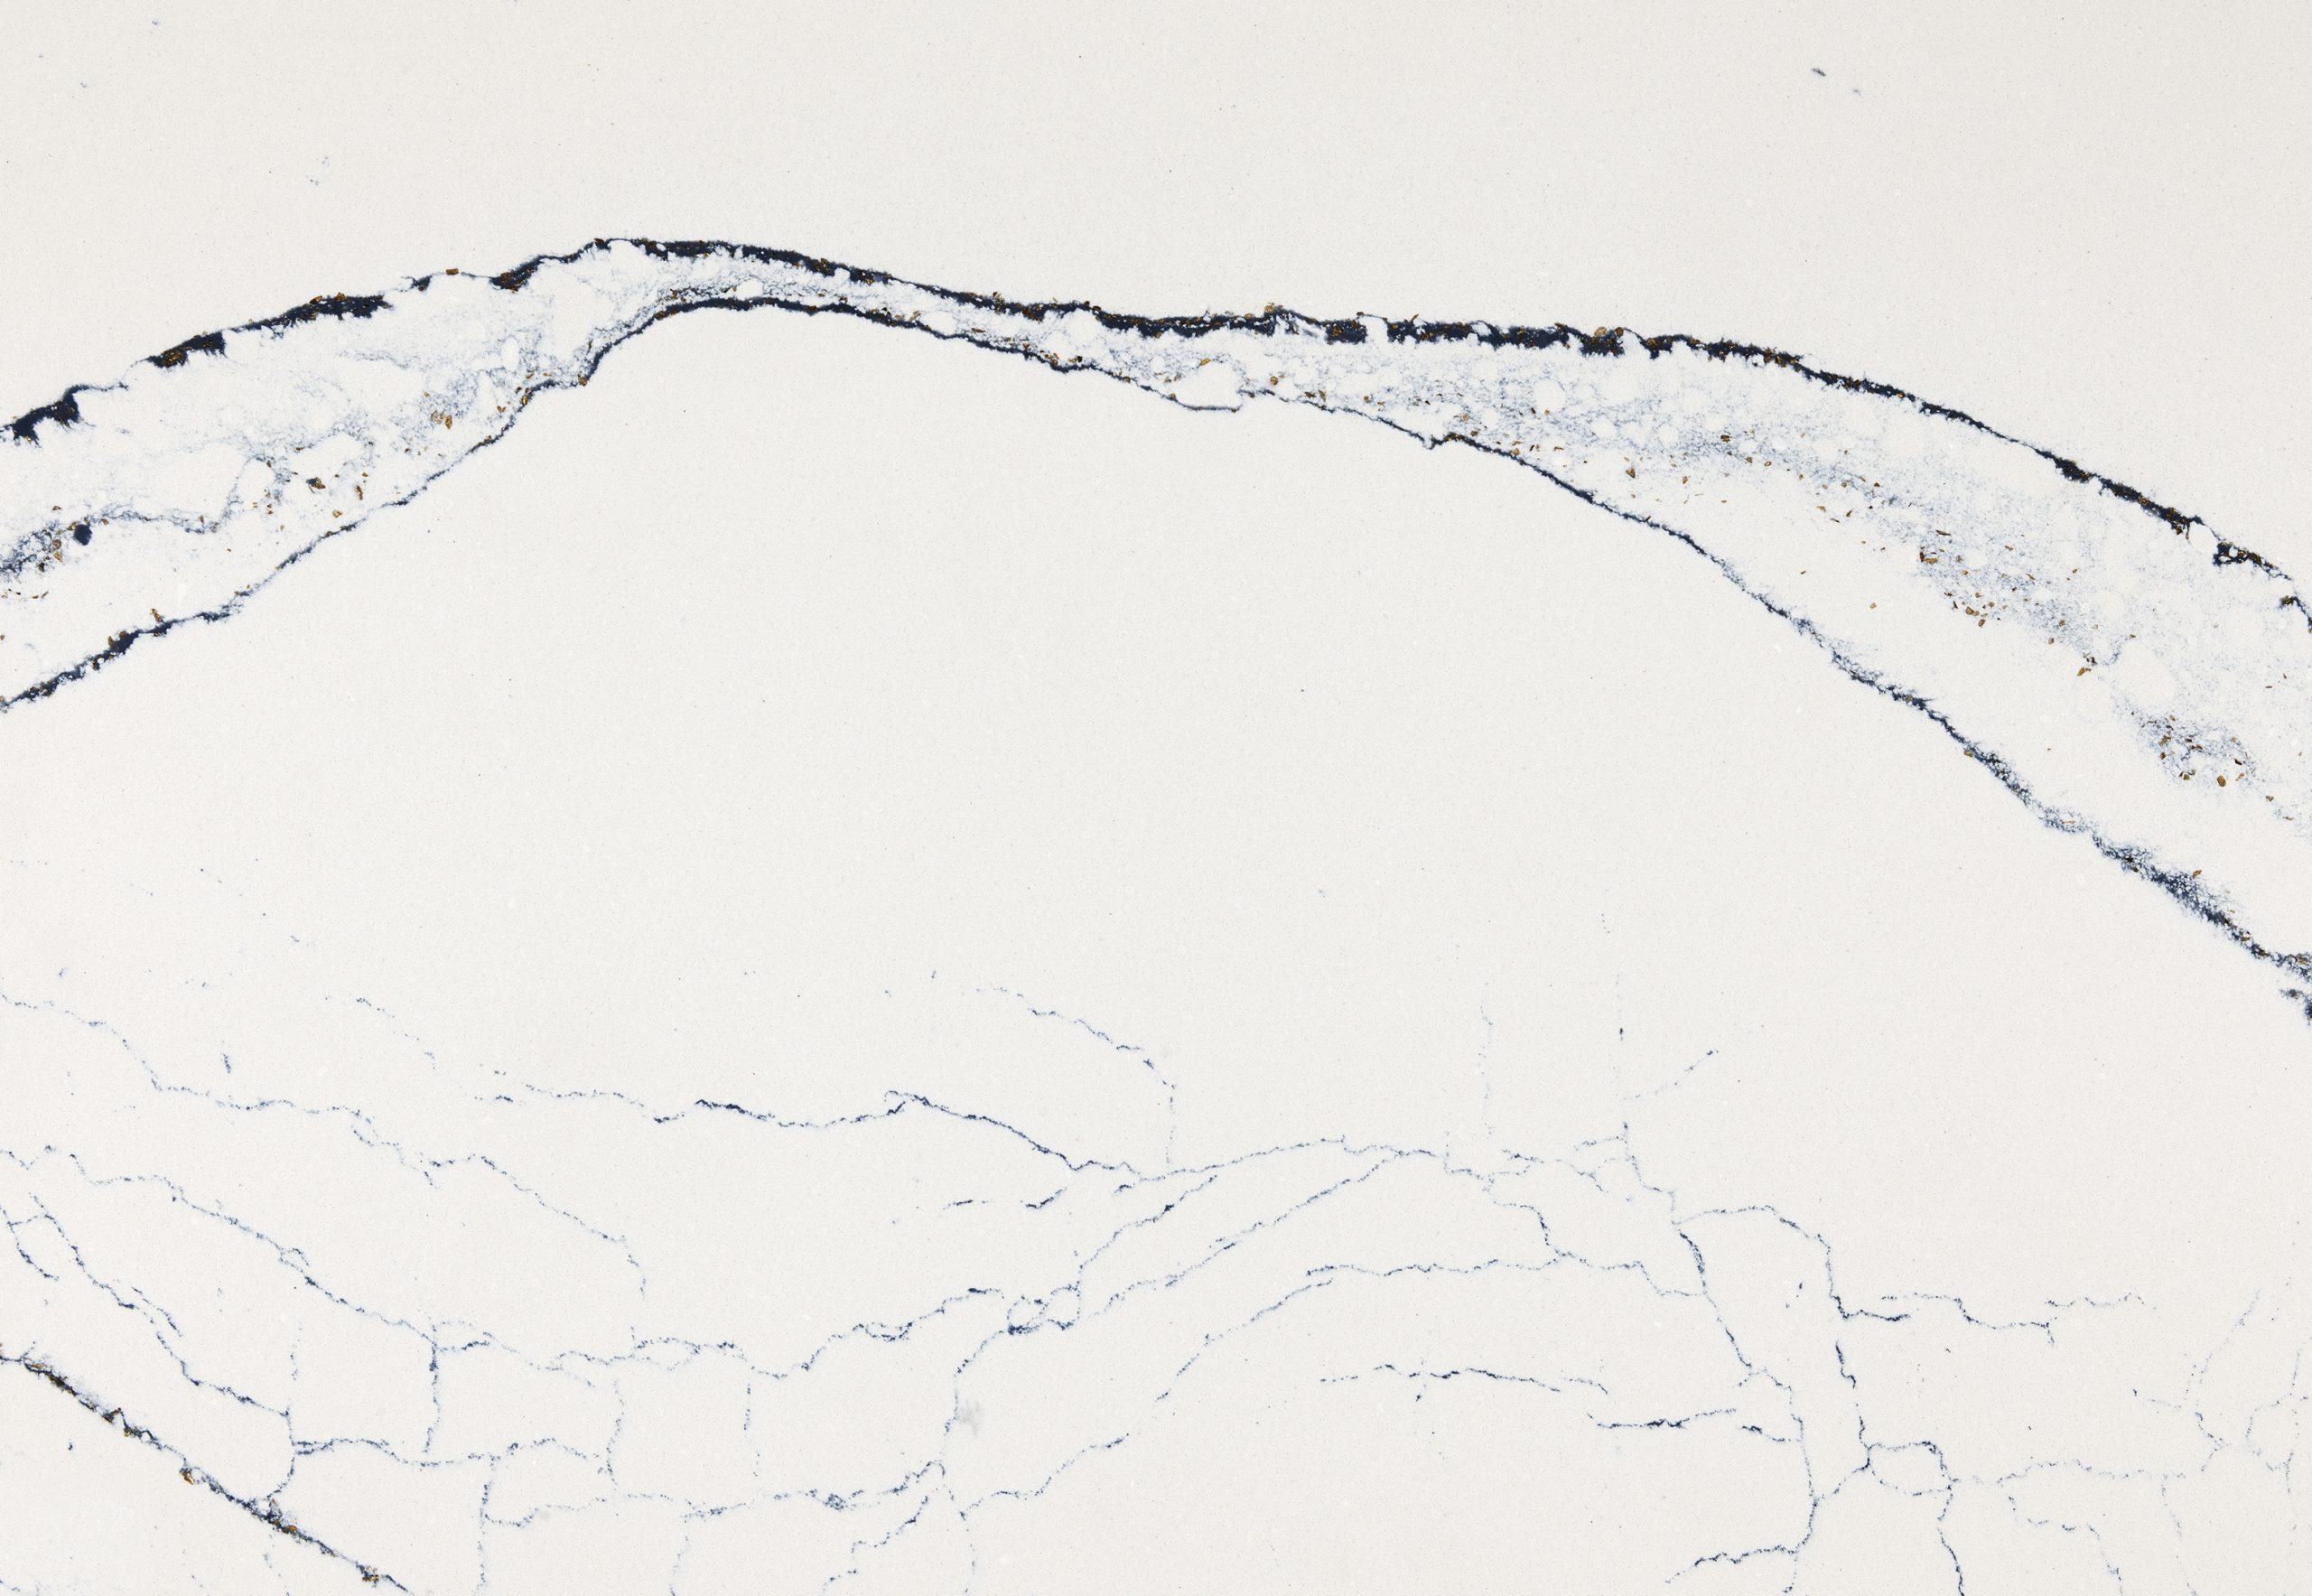 Cambria - Portrush